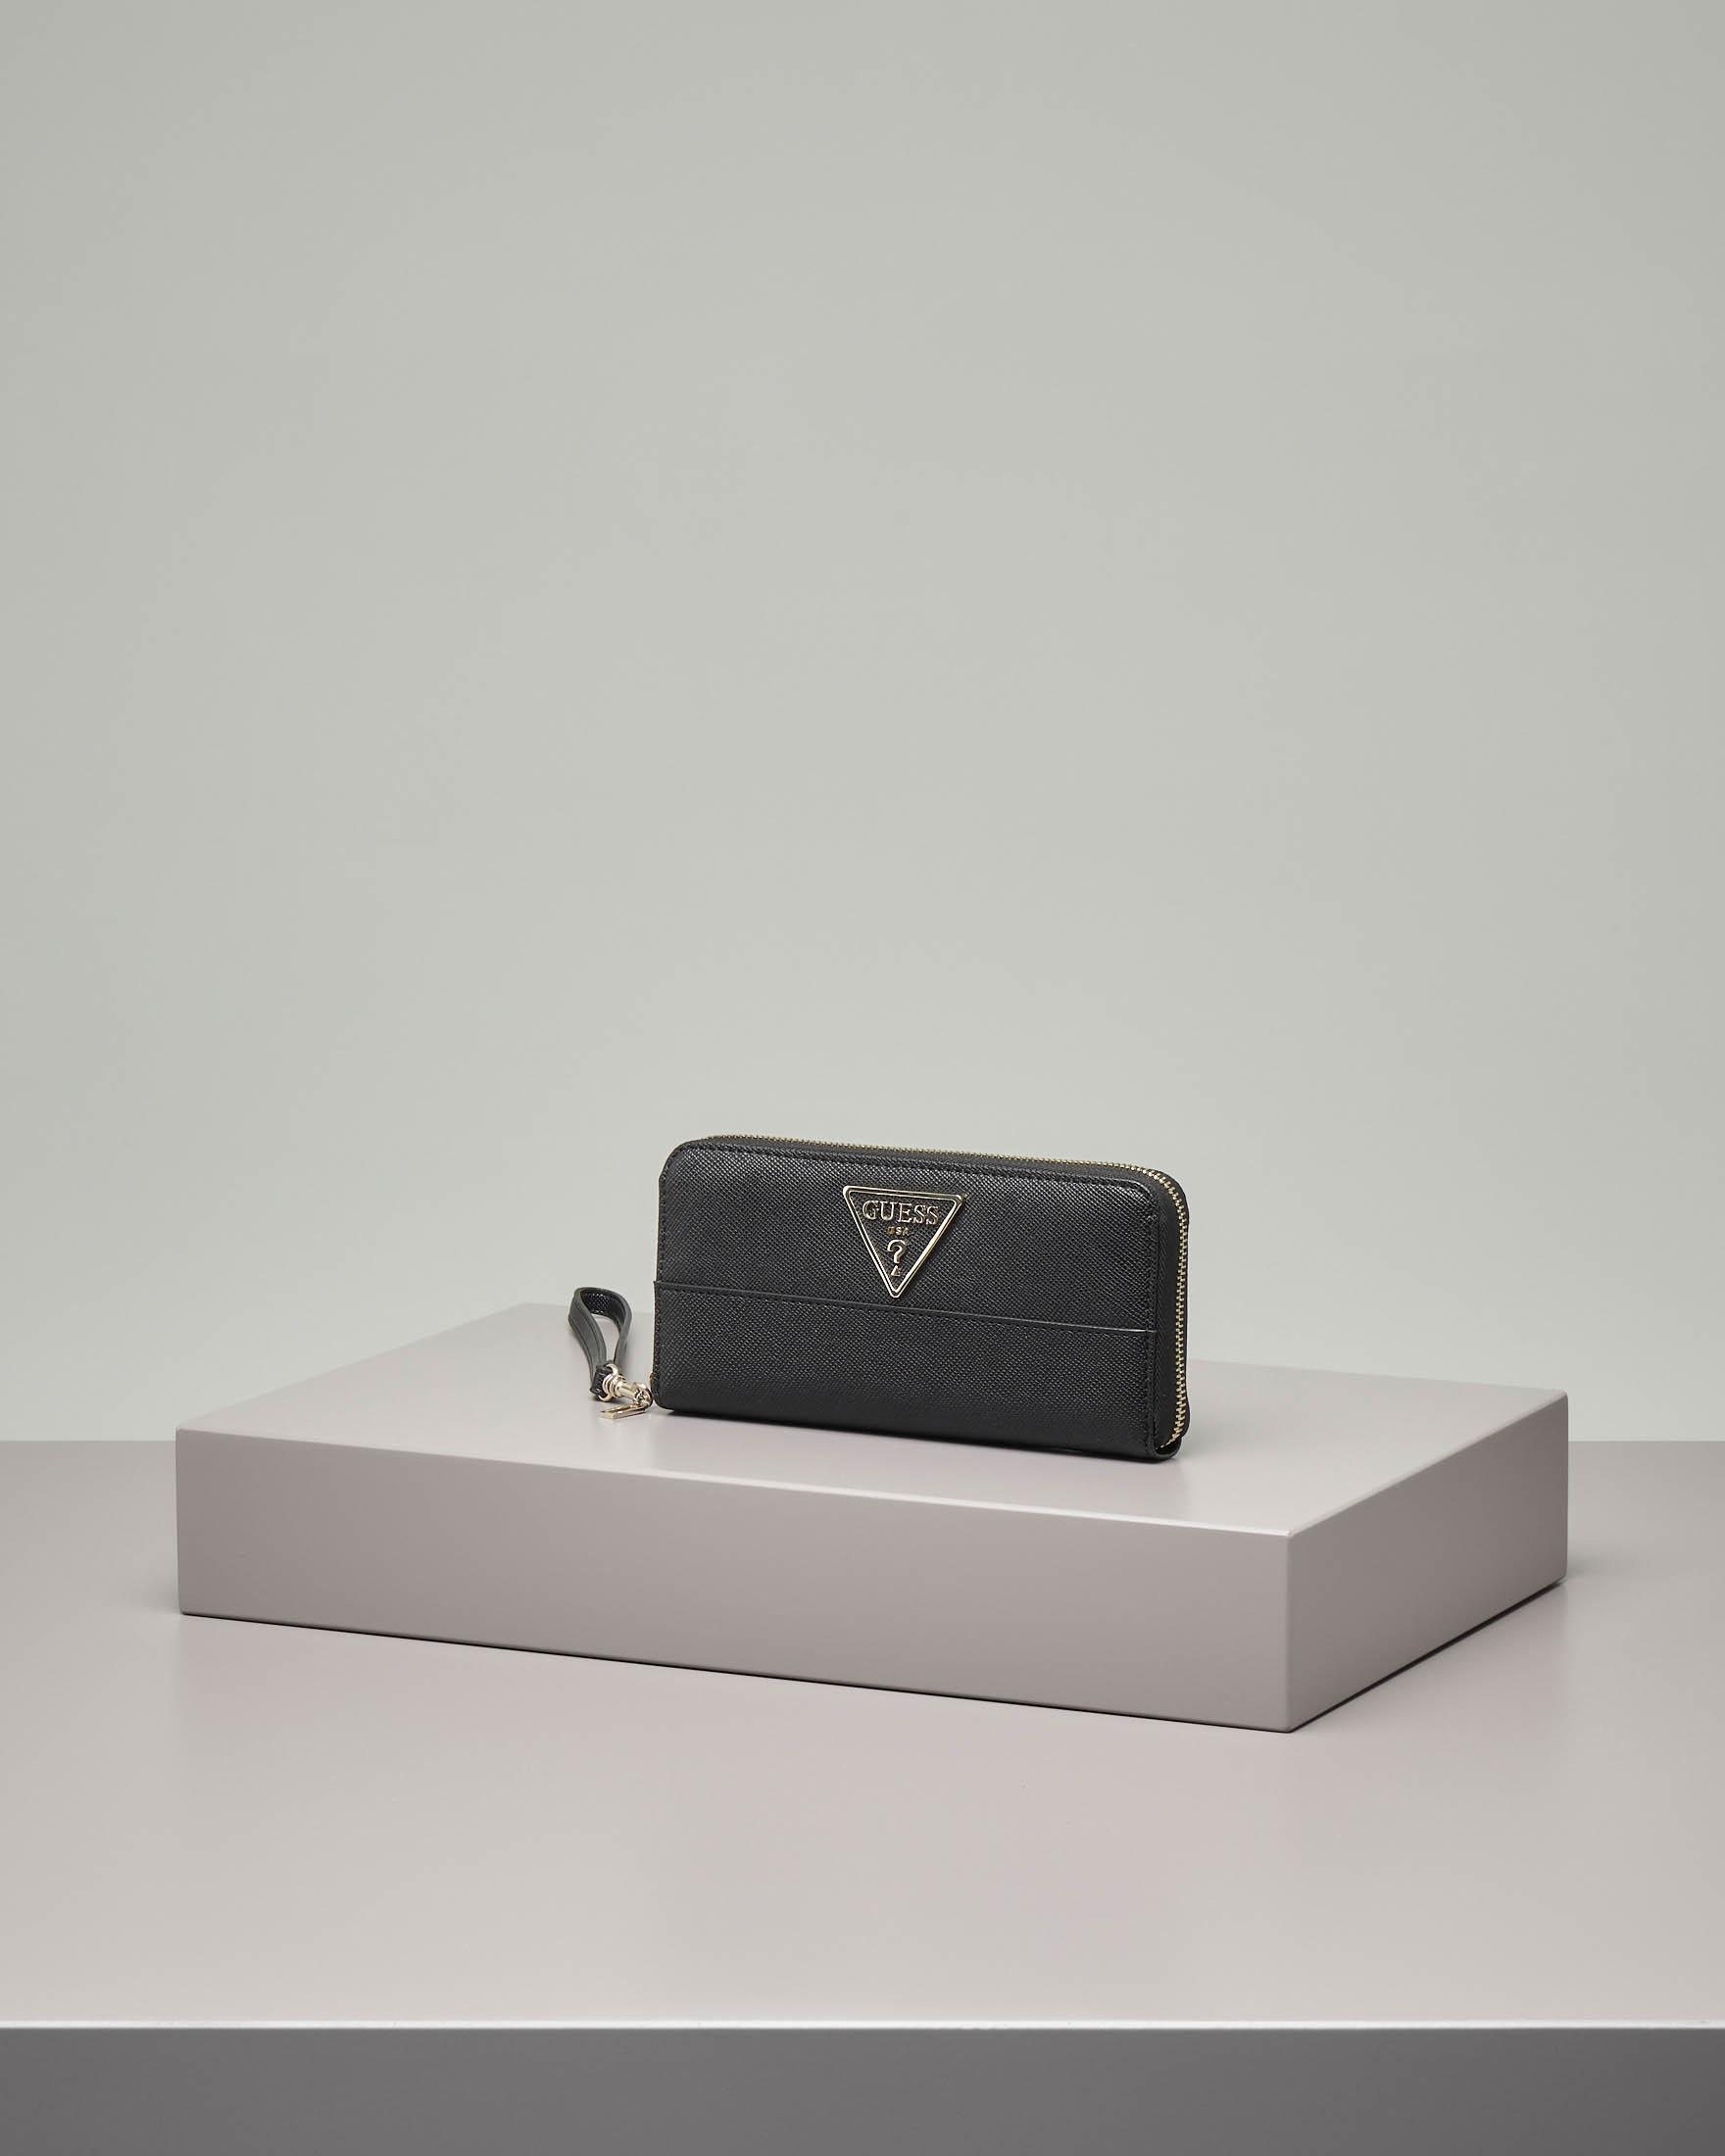 Portafoglio nero in ecopelle effetto saffiano con logo applicato